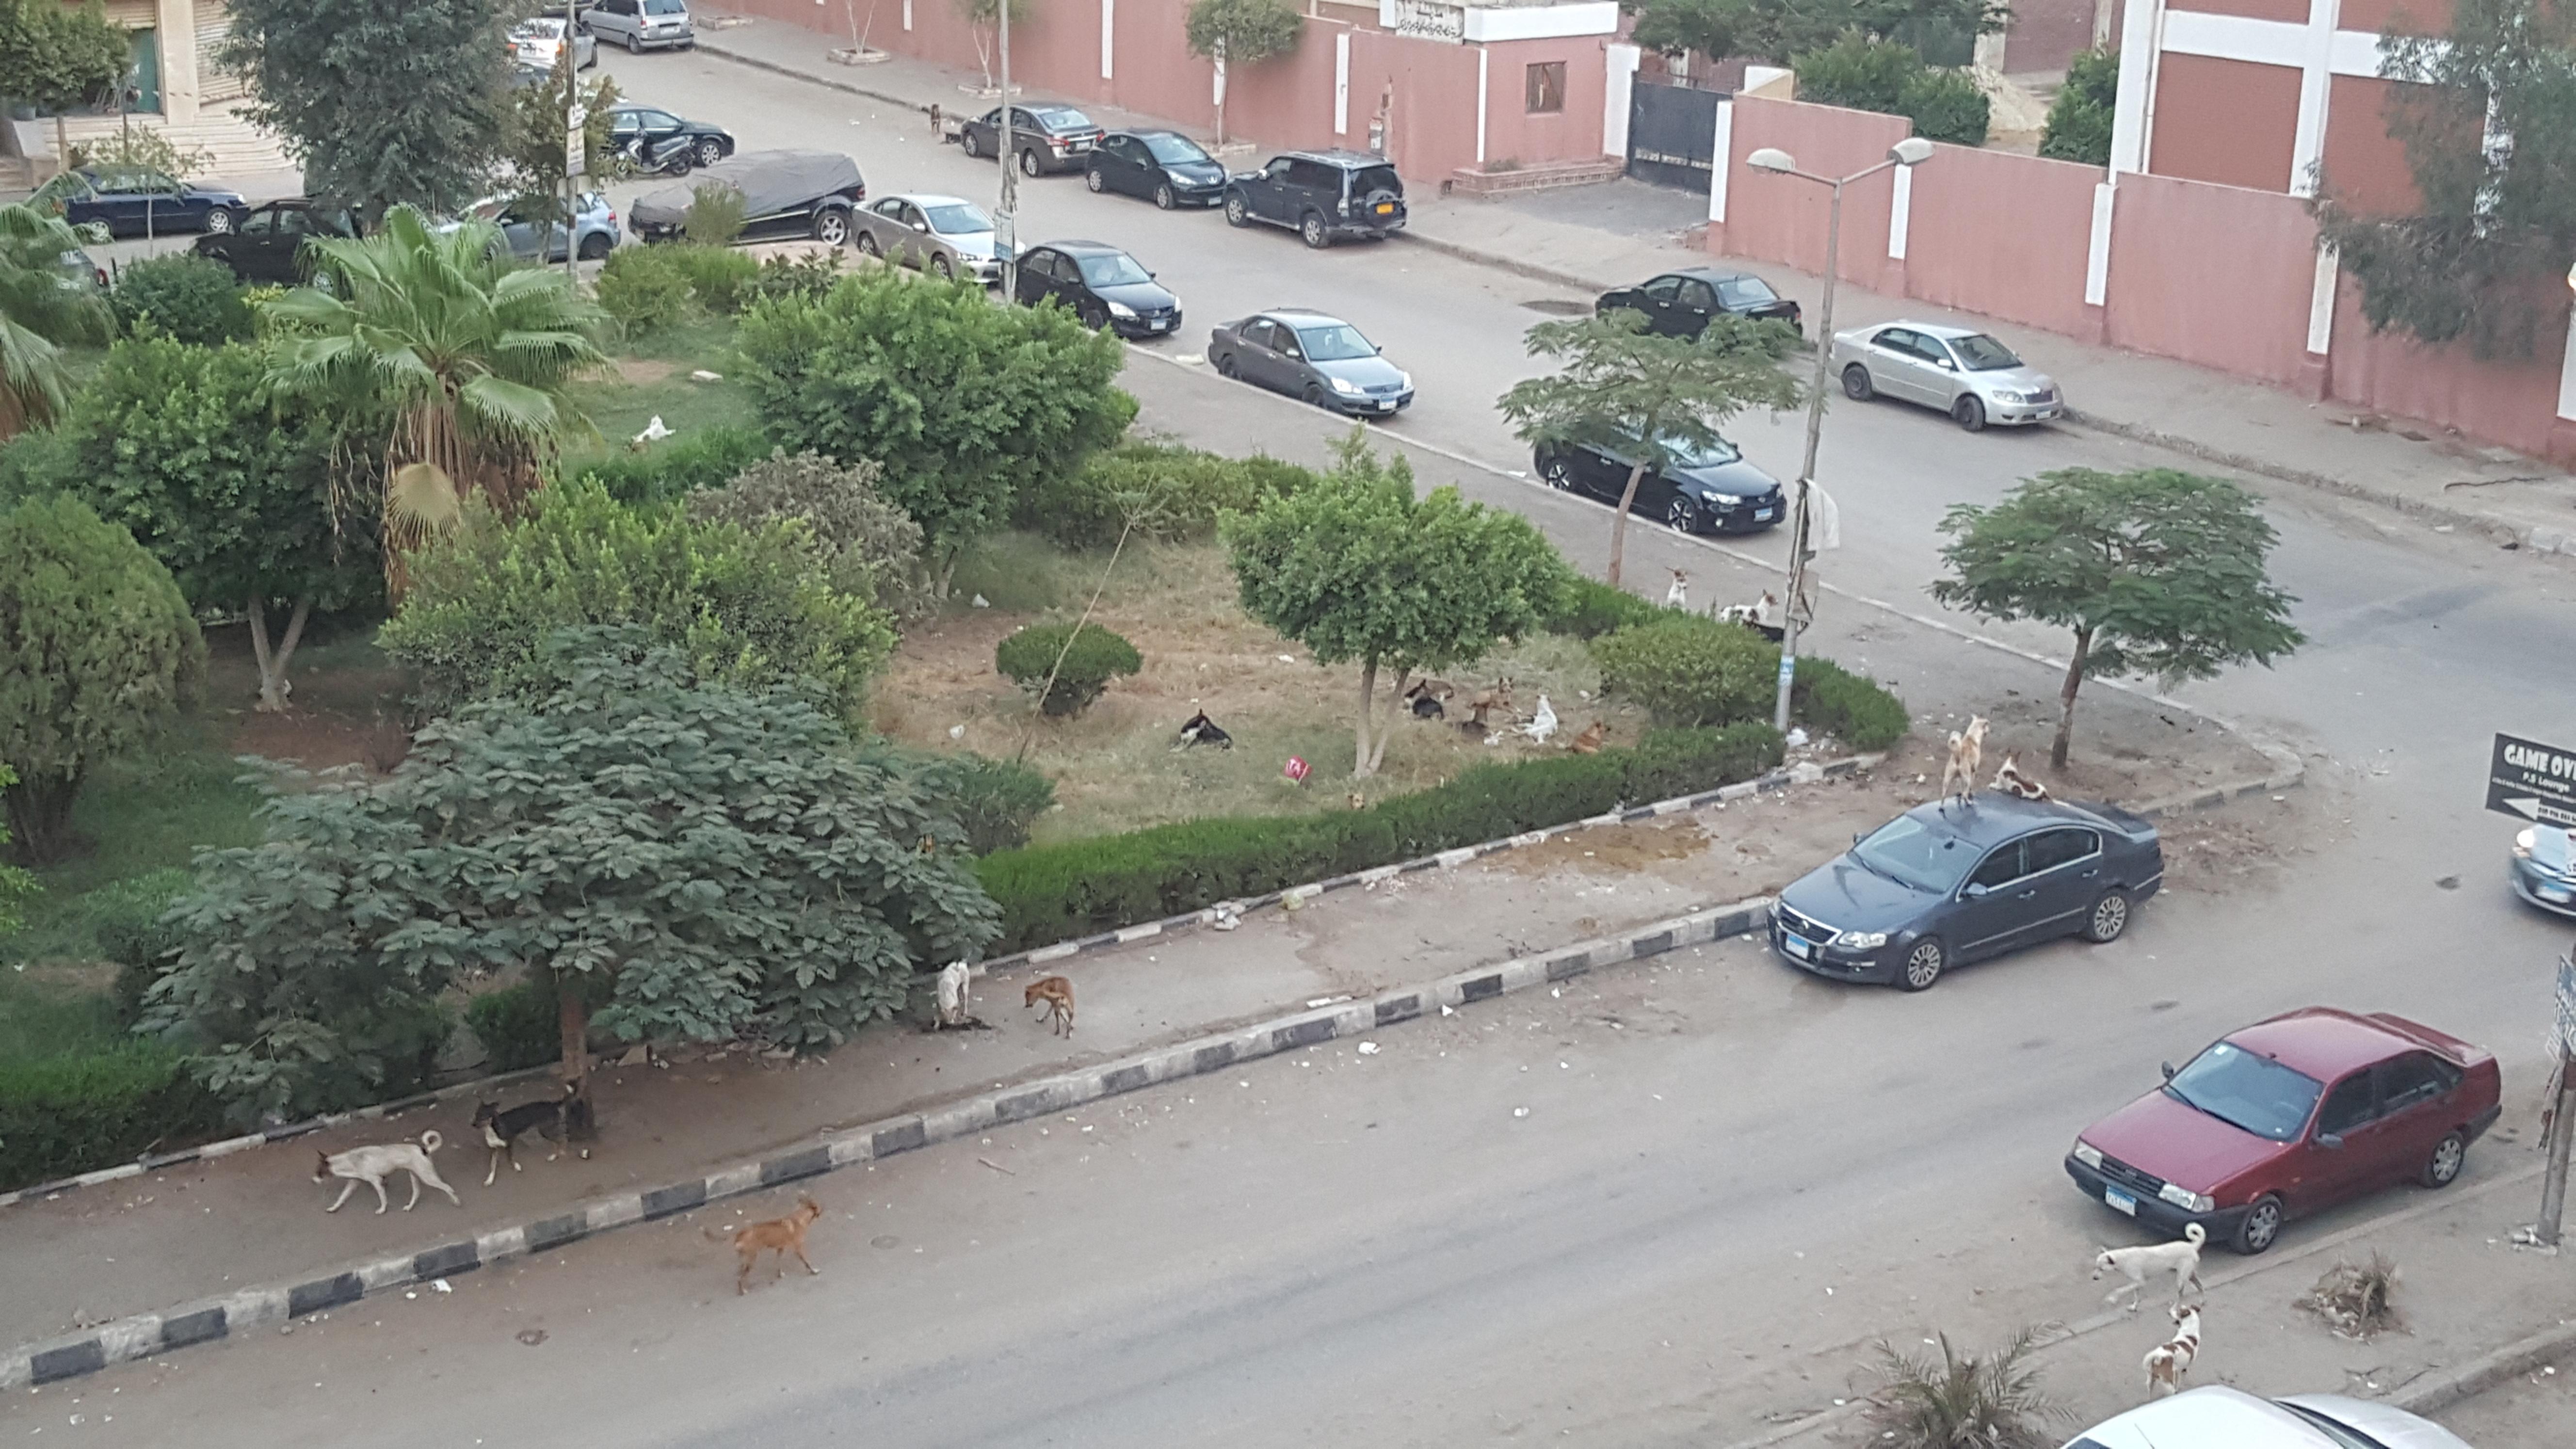 سكان المنطقة السادسة بمدينة نصر يشكون انتشار الكلاب الضالة بالشوارع